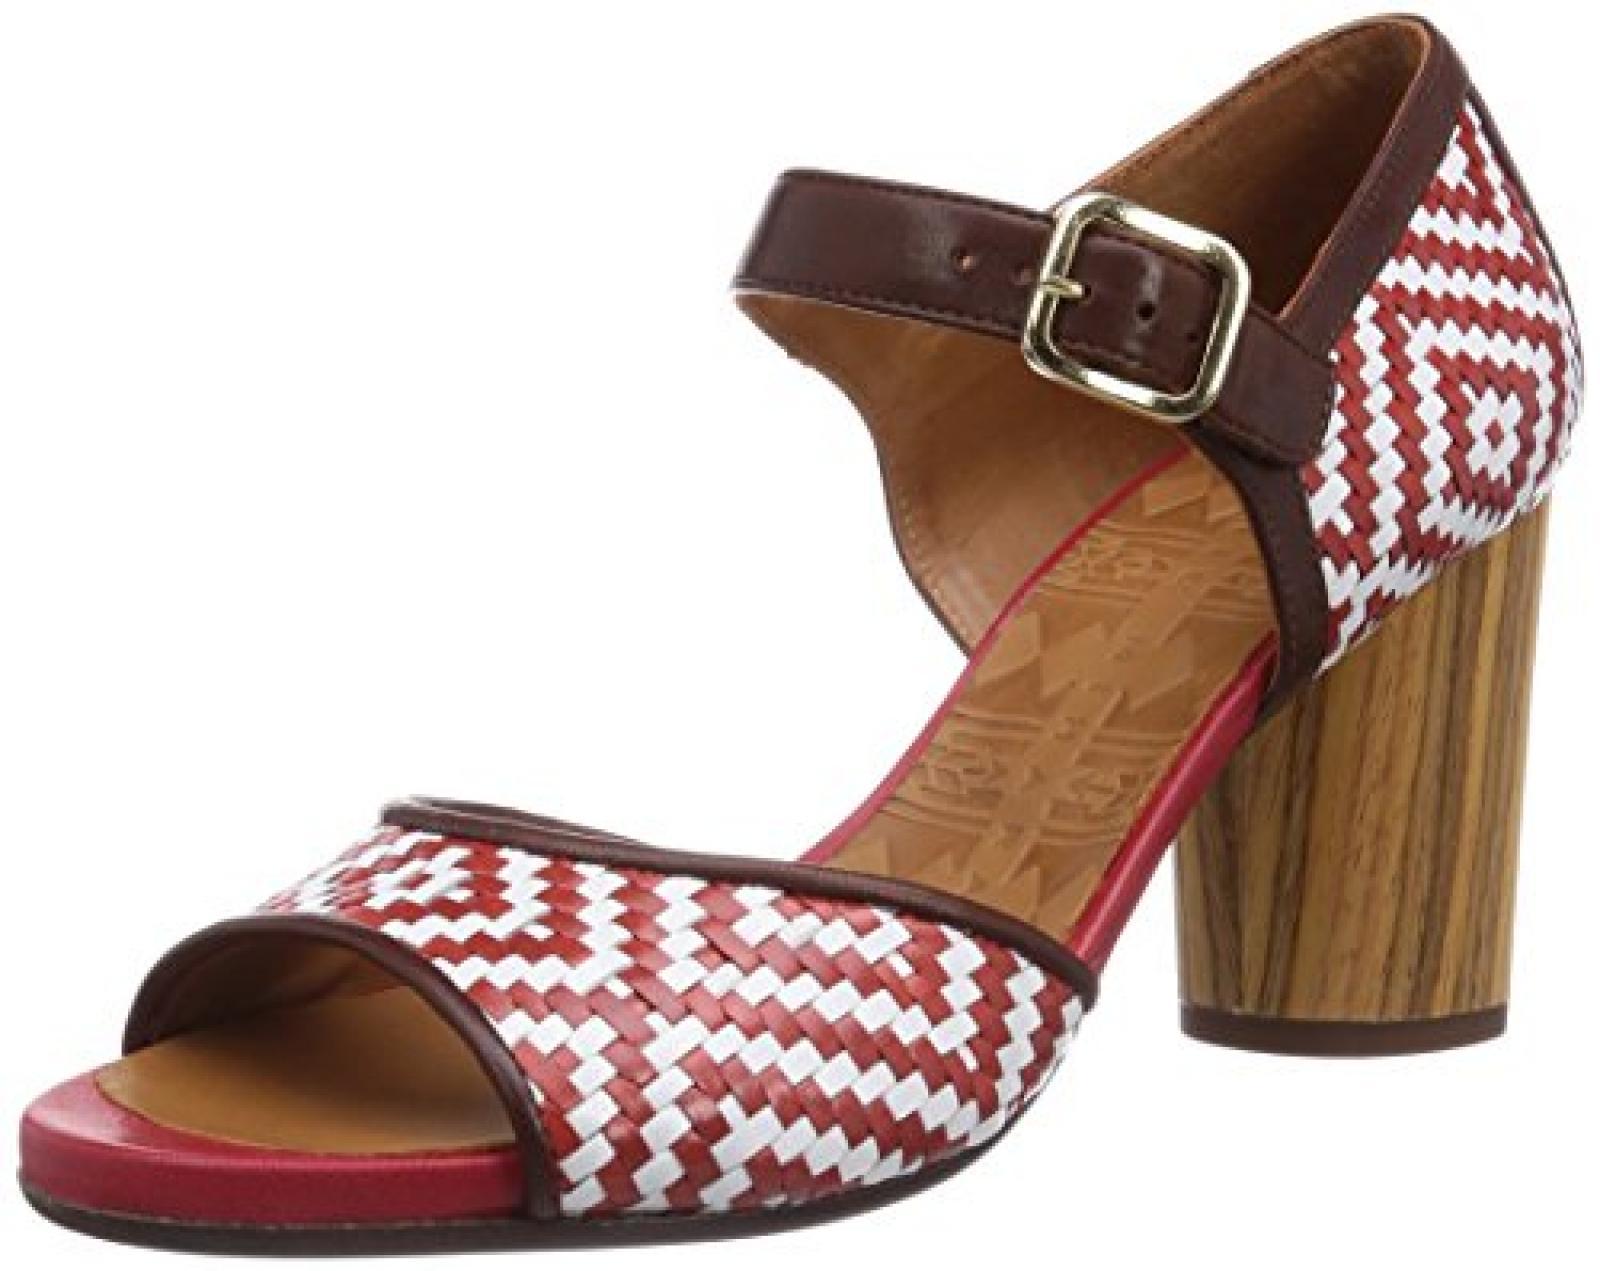 Chie Mihara heyou Damen Knöchelriemchen Sandalen